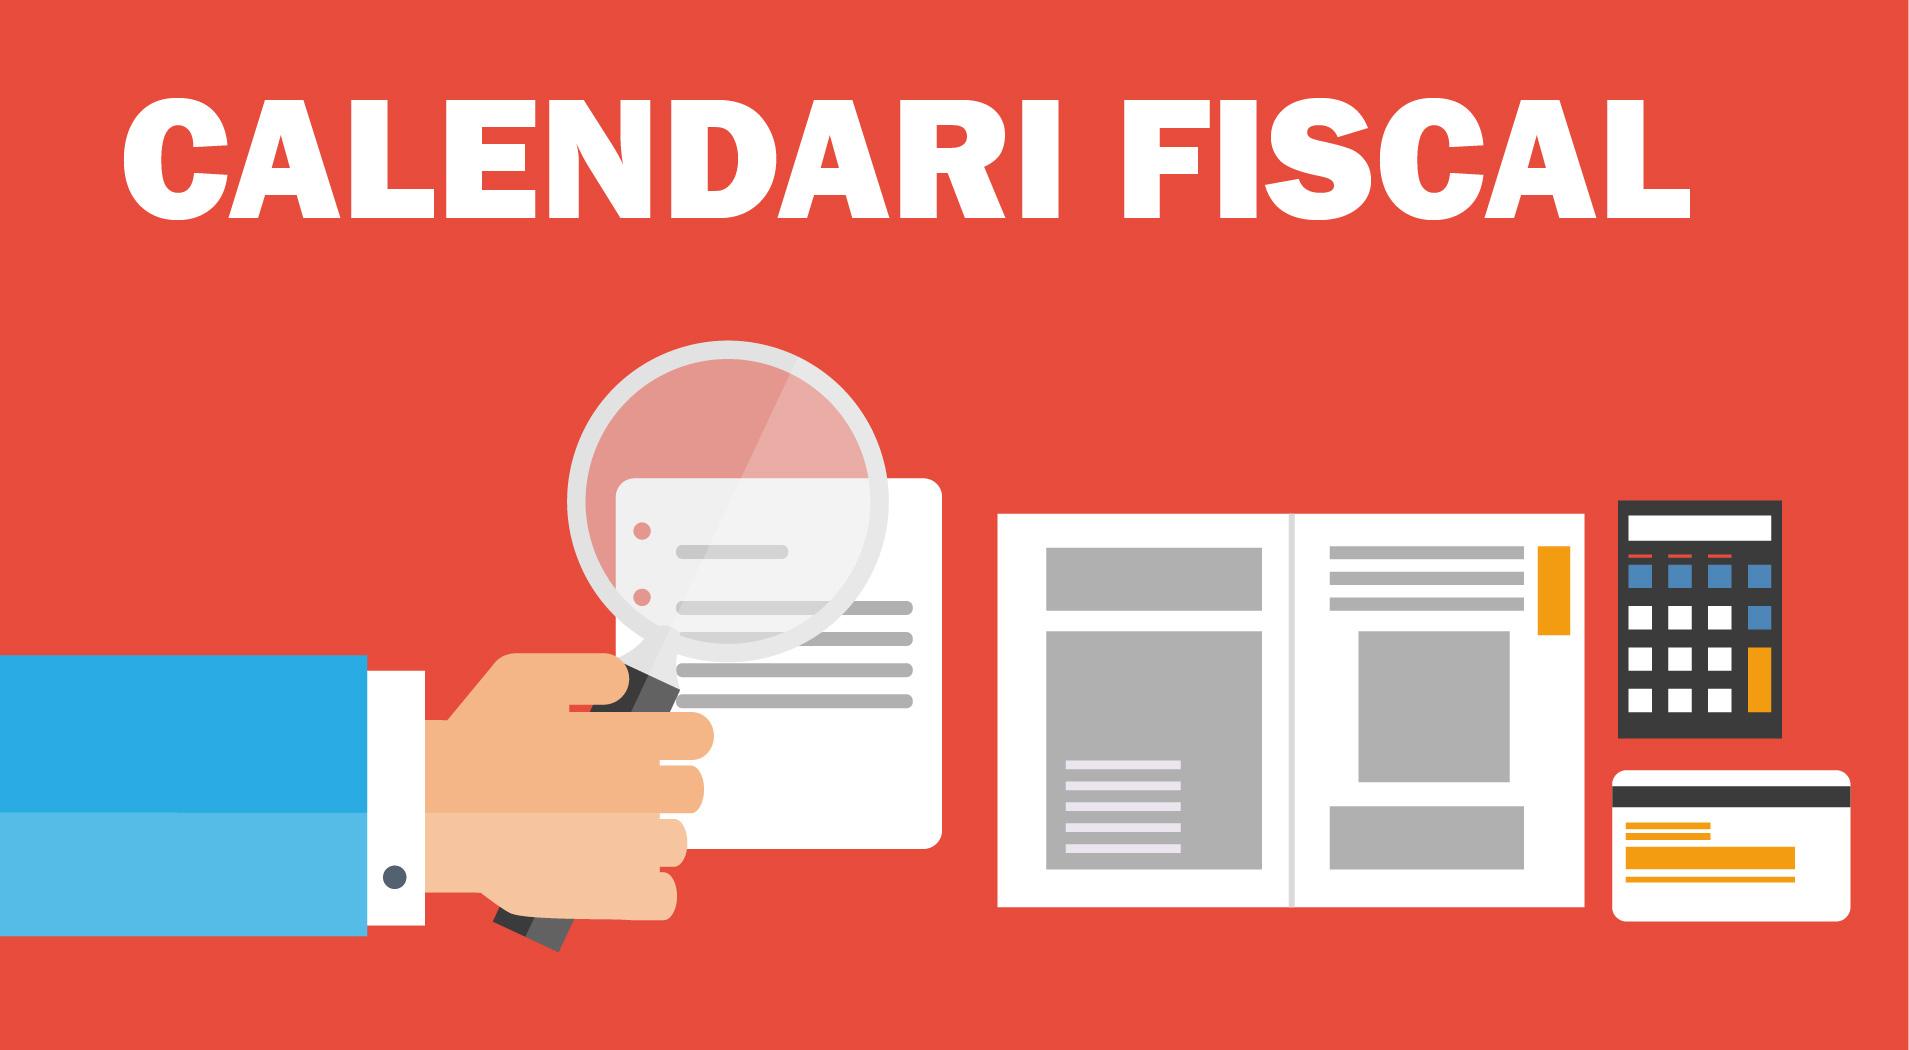 Al·legoria calendari fiscal